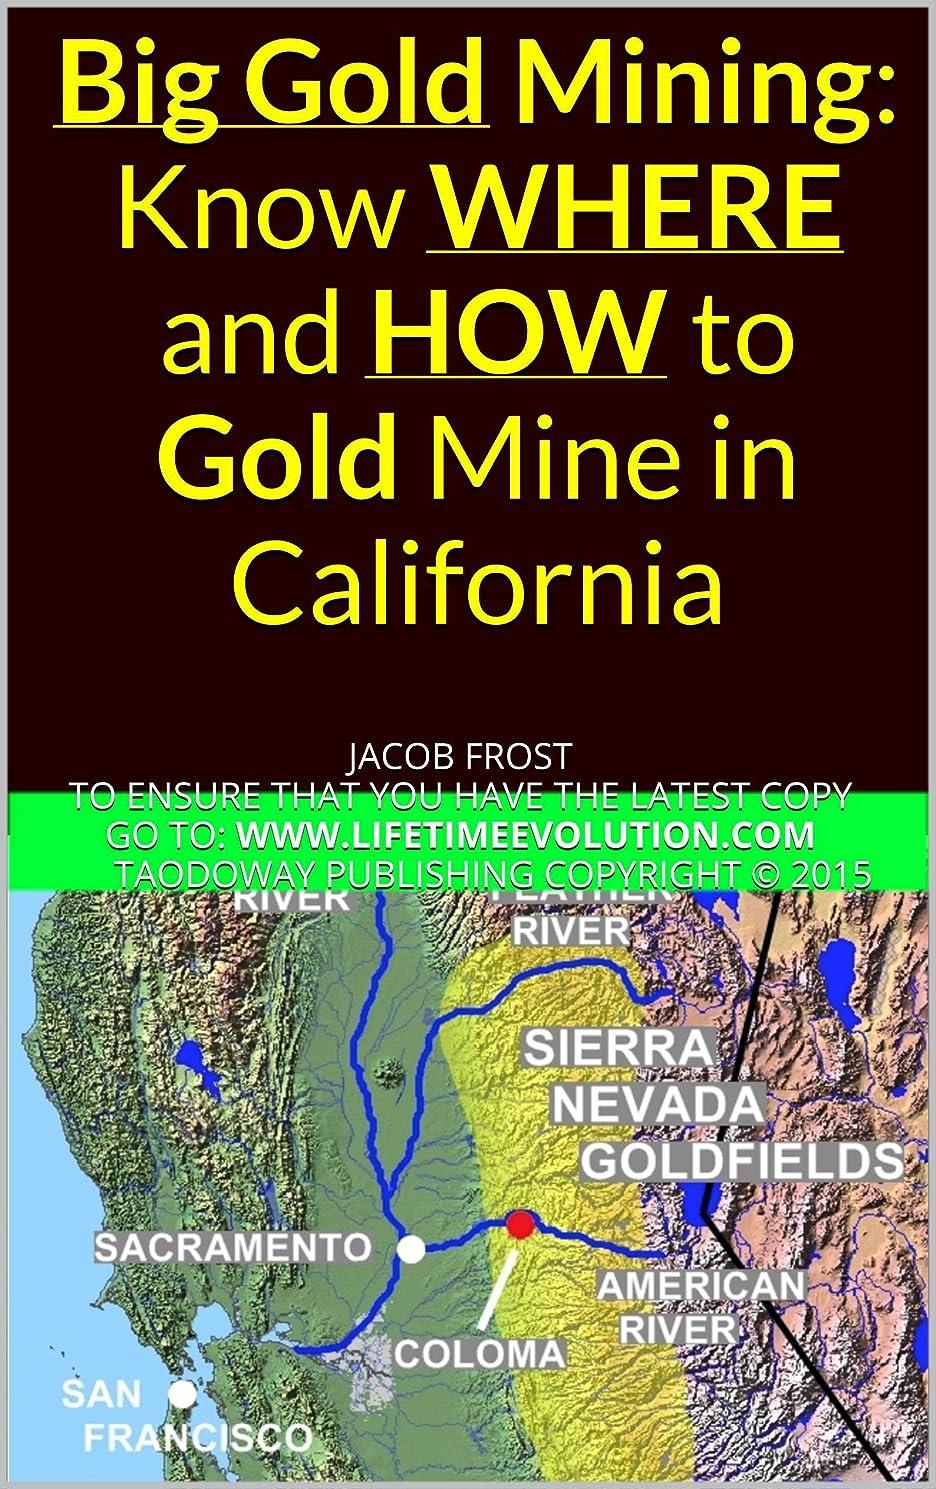 チャット配置委託Big Gold Mining: Know WHERE and HOW to Gold Mine in California (English Edition)